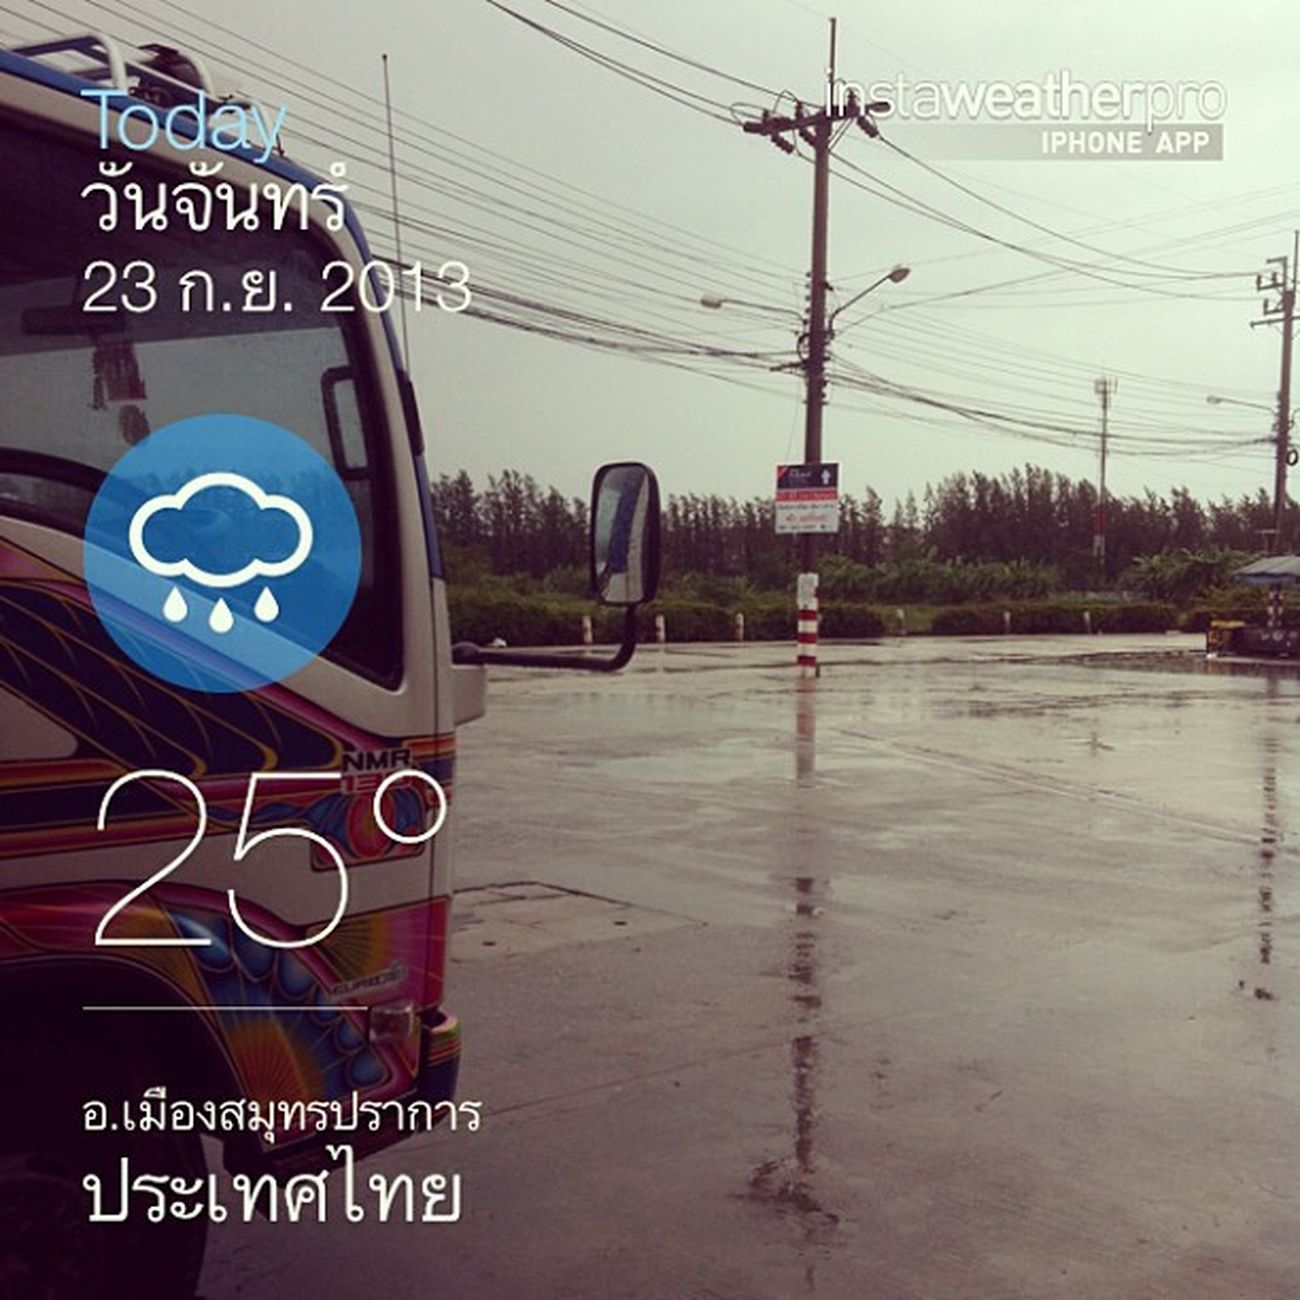 ฝนตกตั้งแต่เช้าจะไปเรียนทันไหม :) Instaweather Instaweatherpro Weather อเมืองสมุทรปราการ ประเทศไทย